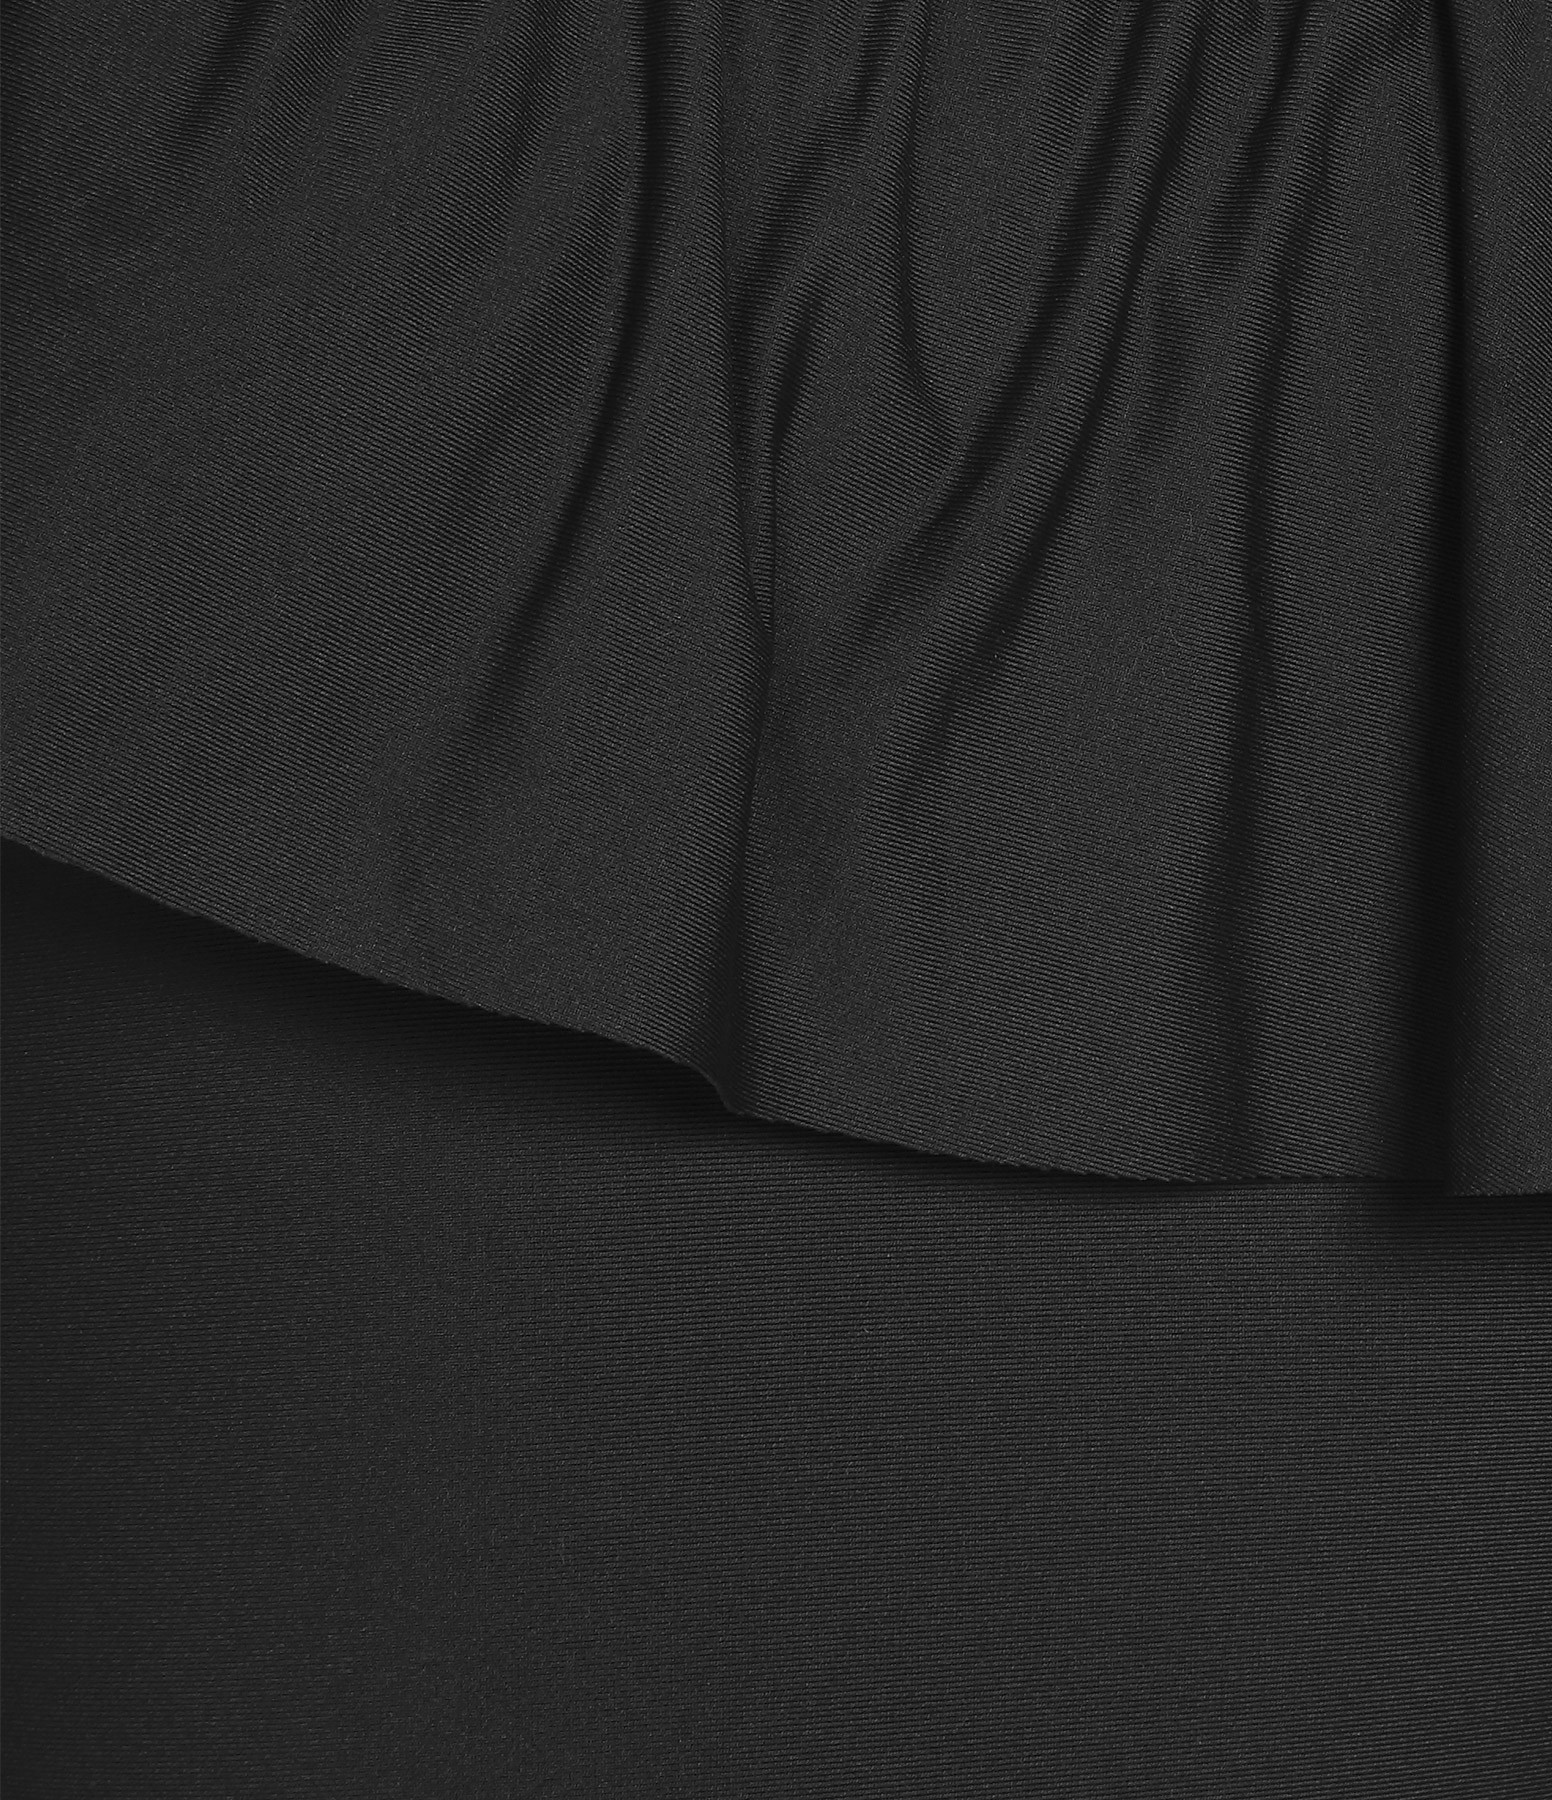 CALARENA - Maillot de Bain Deneuve Noir